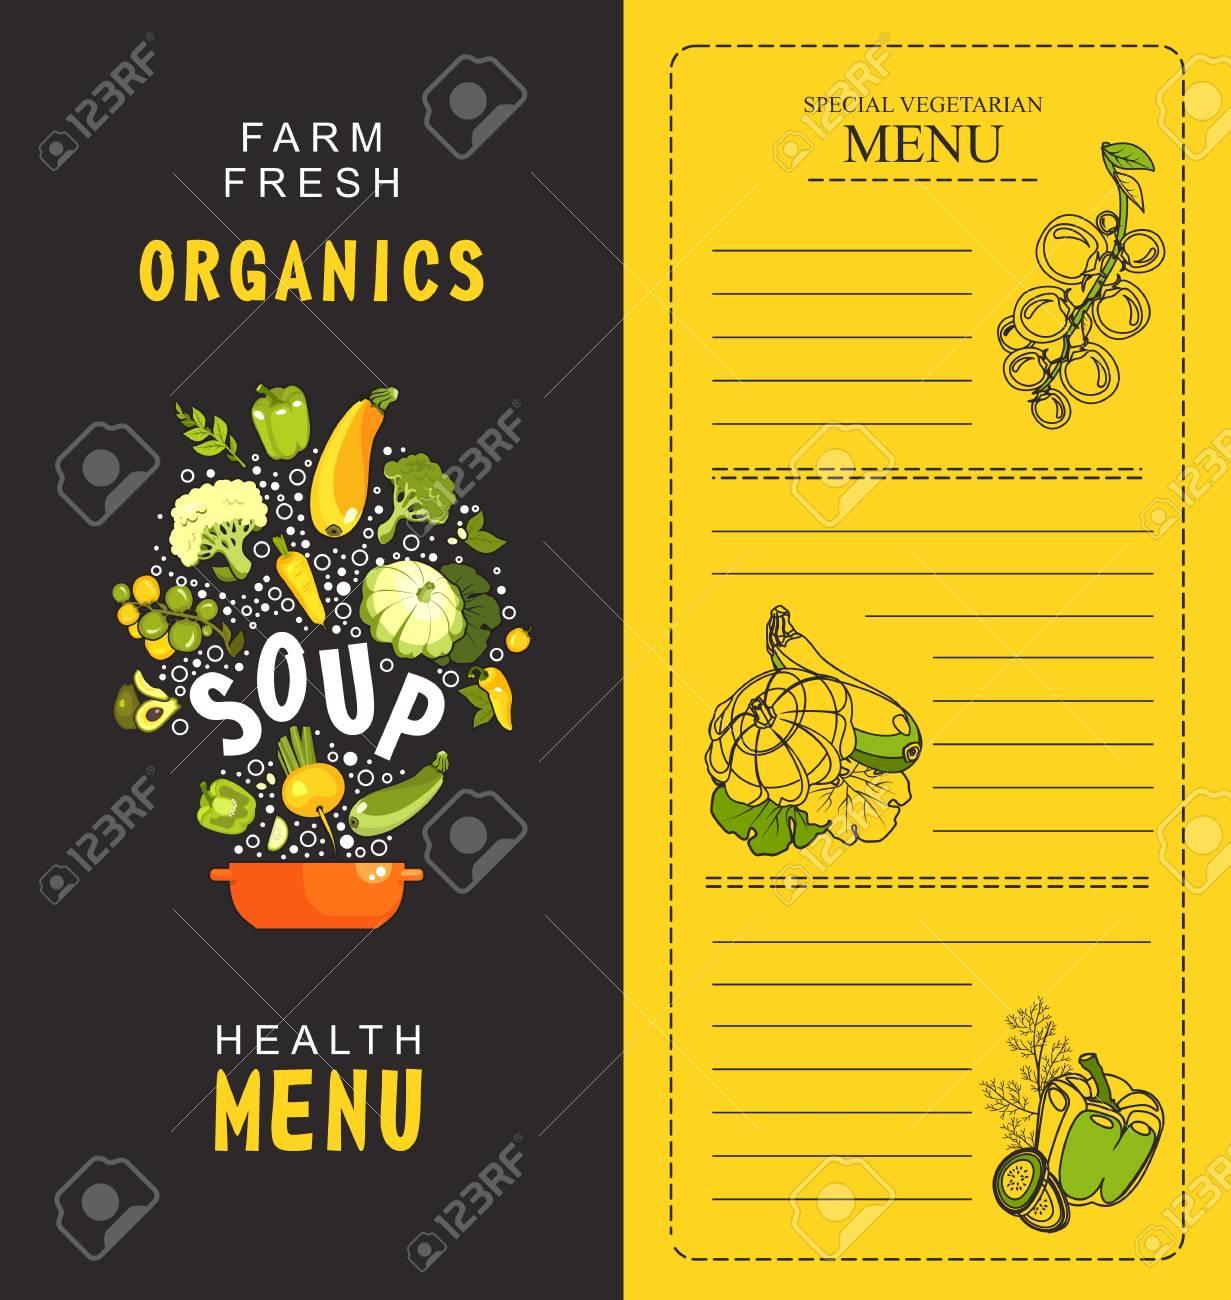 vector illustration vertical menu booklet for cafe special